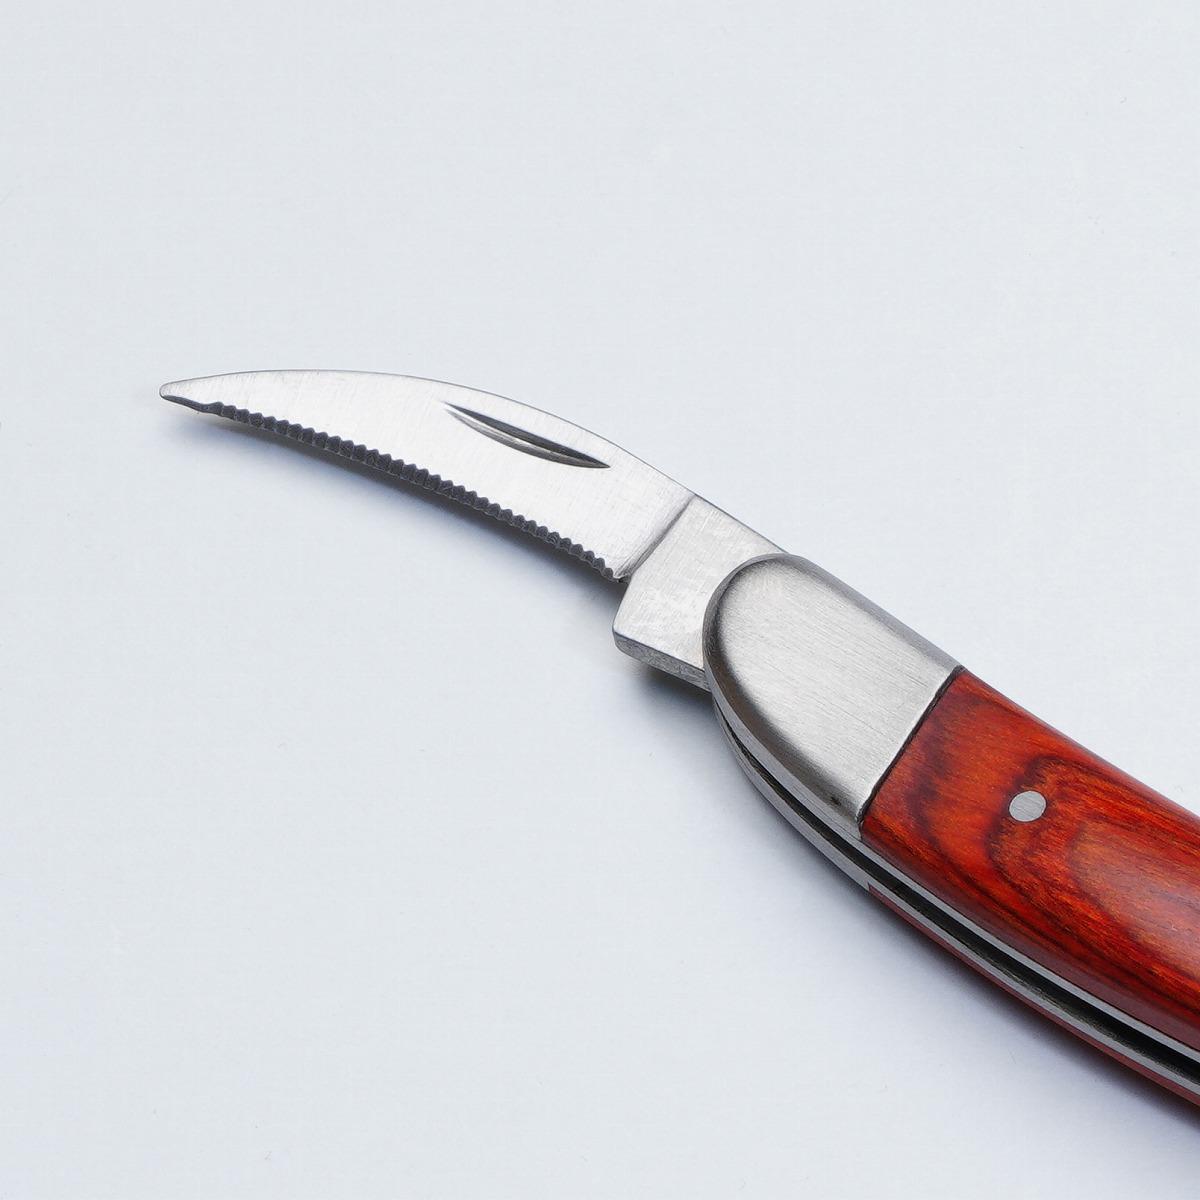 フランス製ソムリエナイフ ナイフ部分